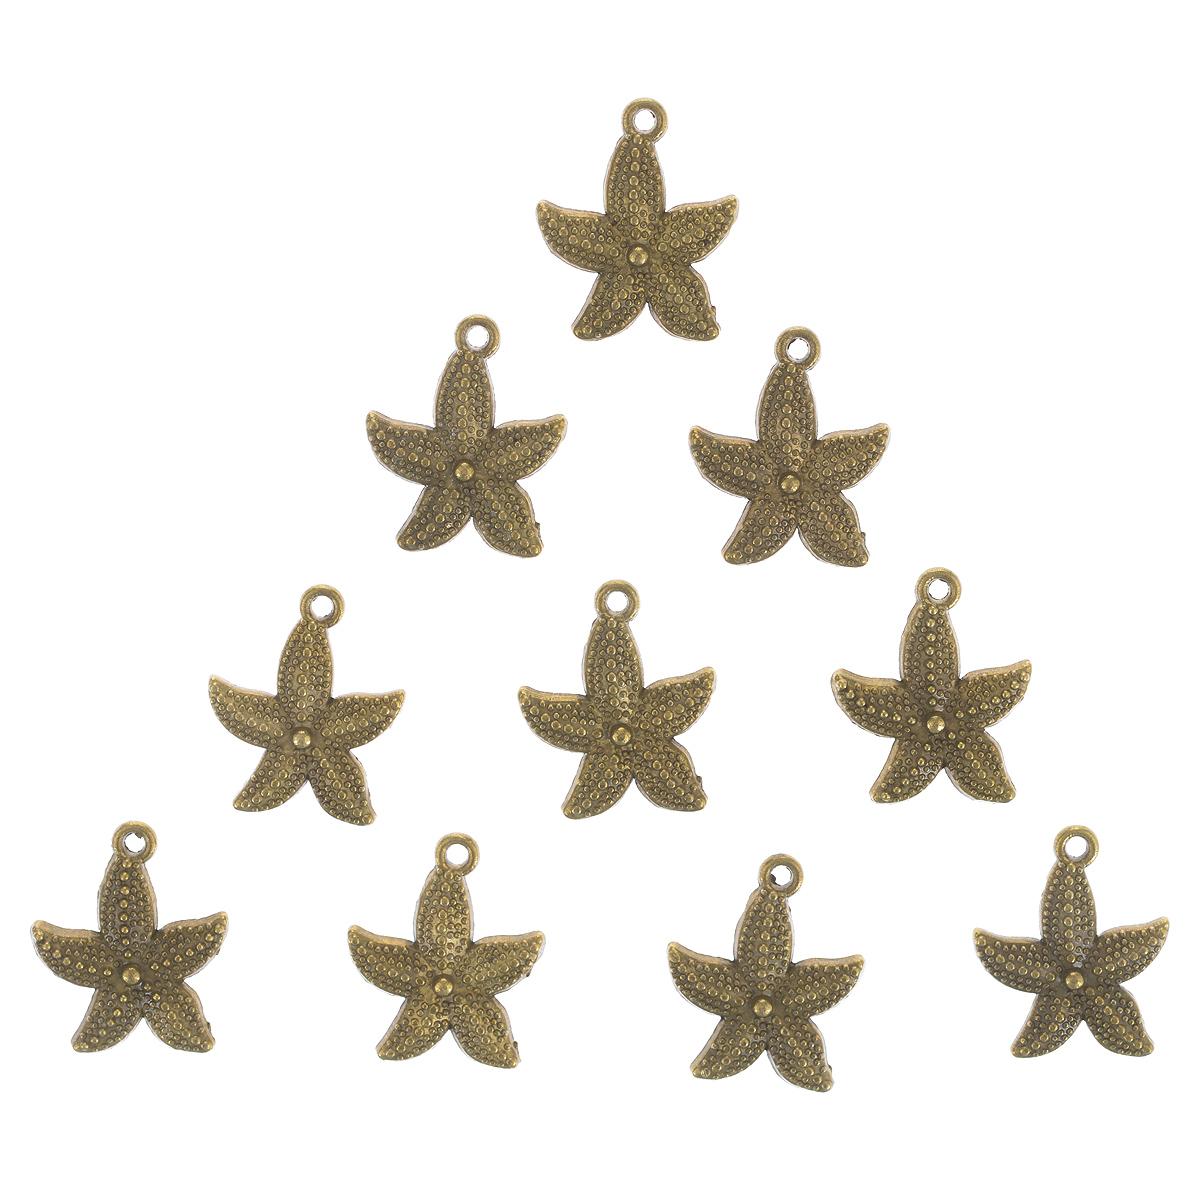 Набор подвесок ScrapBerrys Морская звездочка, цвет: золотистый, 19 мм х 23 мм, 10 штSCB25011507Набор ScrapBerrys Морская звездочка состоит из 10 декоративных подвесок, выполненных из металла. Изделия предназначены для создания бижутерии, их также можно использовать для украшения альбомов, открыток, рамок, скрап-страничек. Подвески ScrapBerrys помогут воплотить вашу творческую задумку и создать оригинальную неповторимую бижутерию.